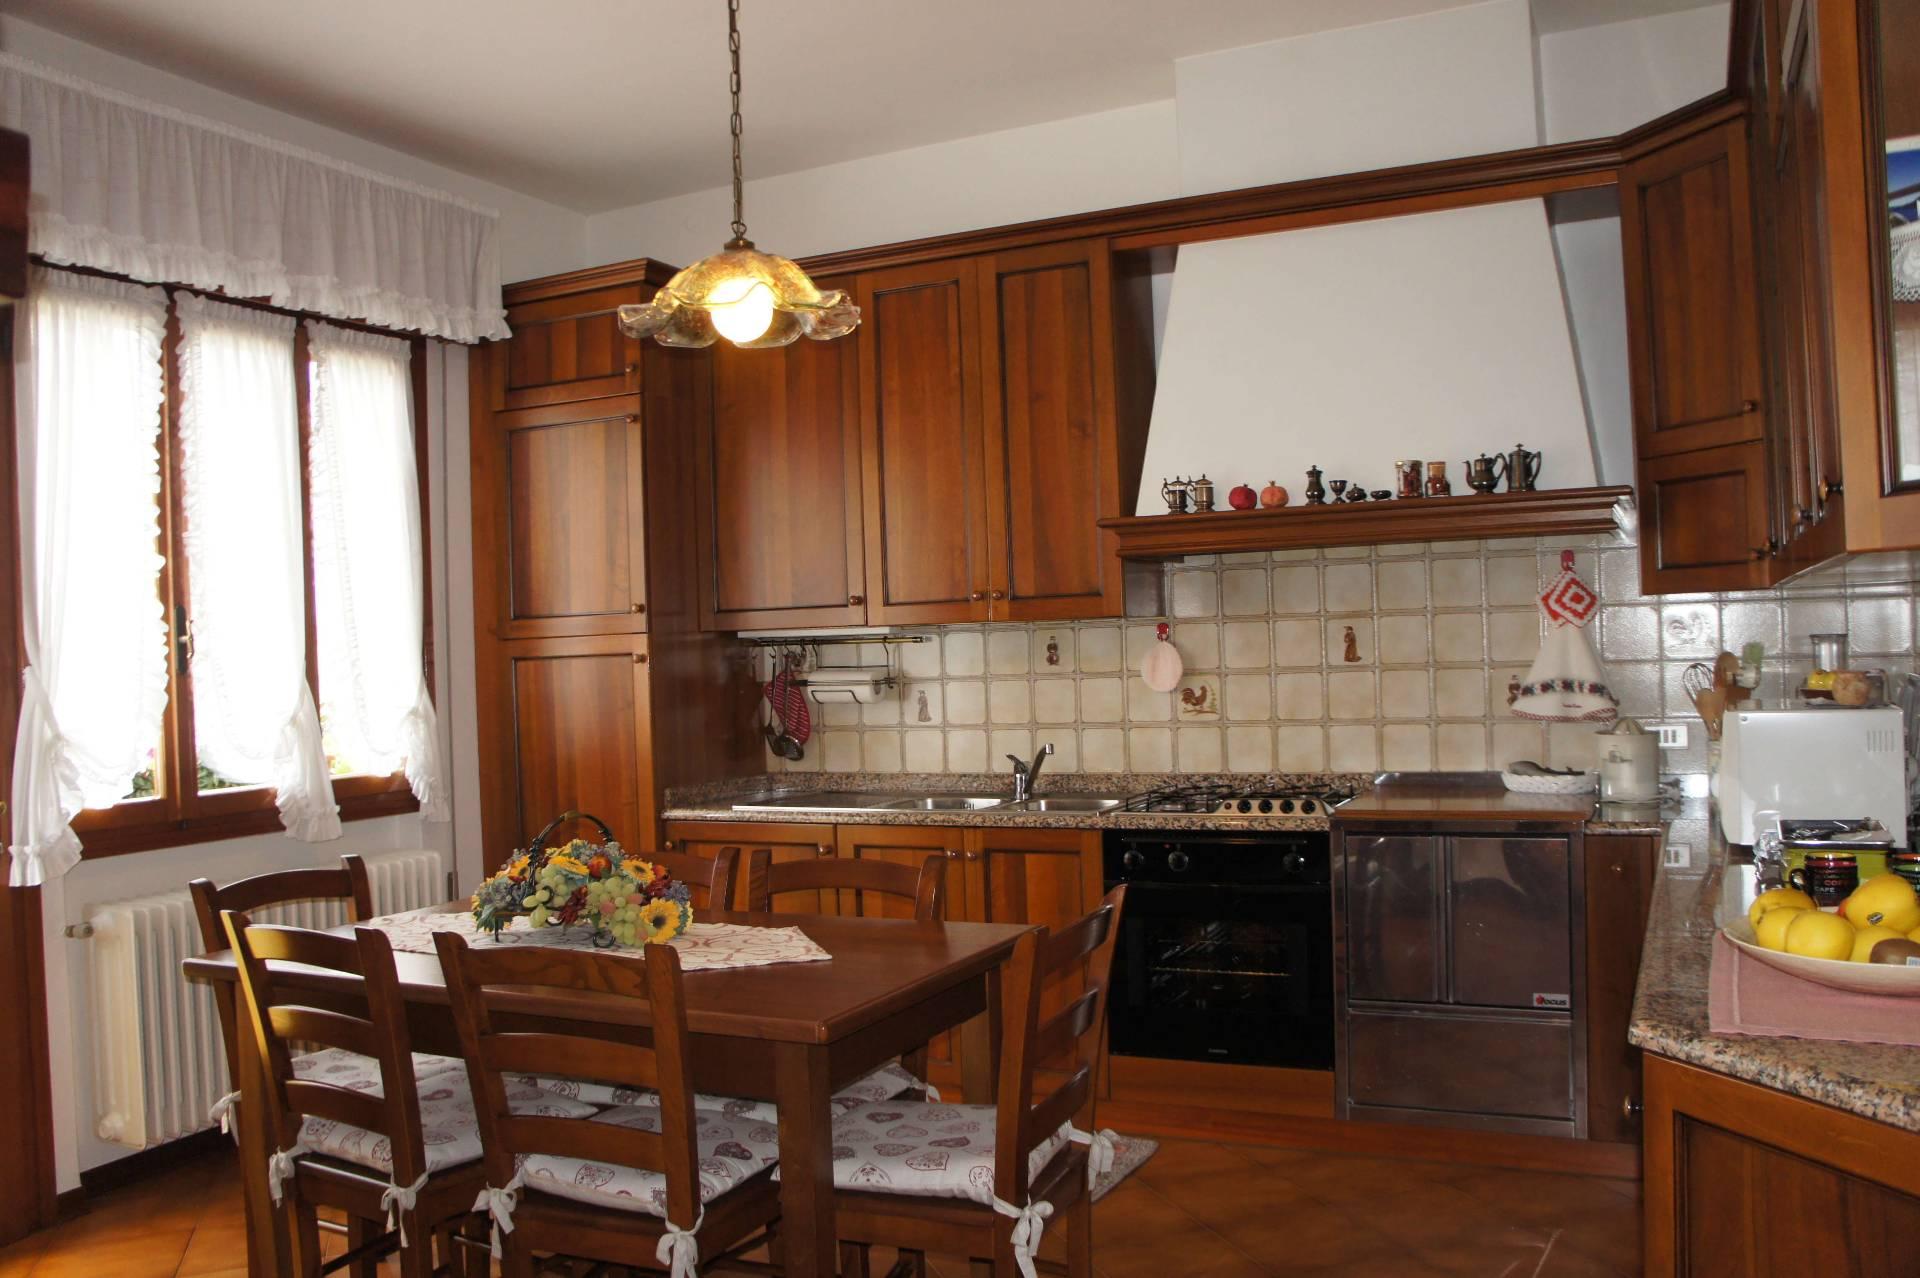 Villa in vendita a Fossalta di Piave, 12 locali, zona Località: Centro, prezzo € 199.000 | CambioCasa.it